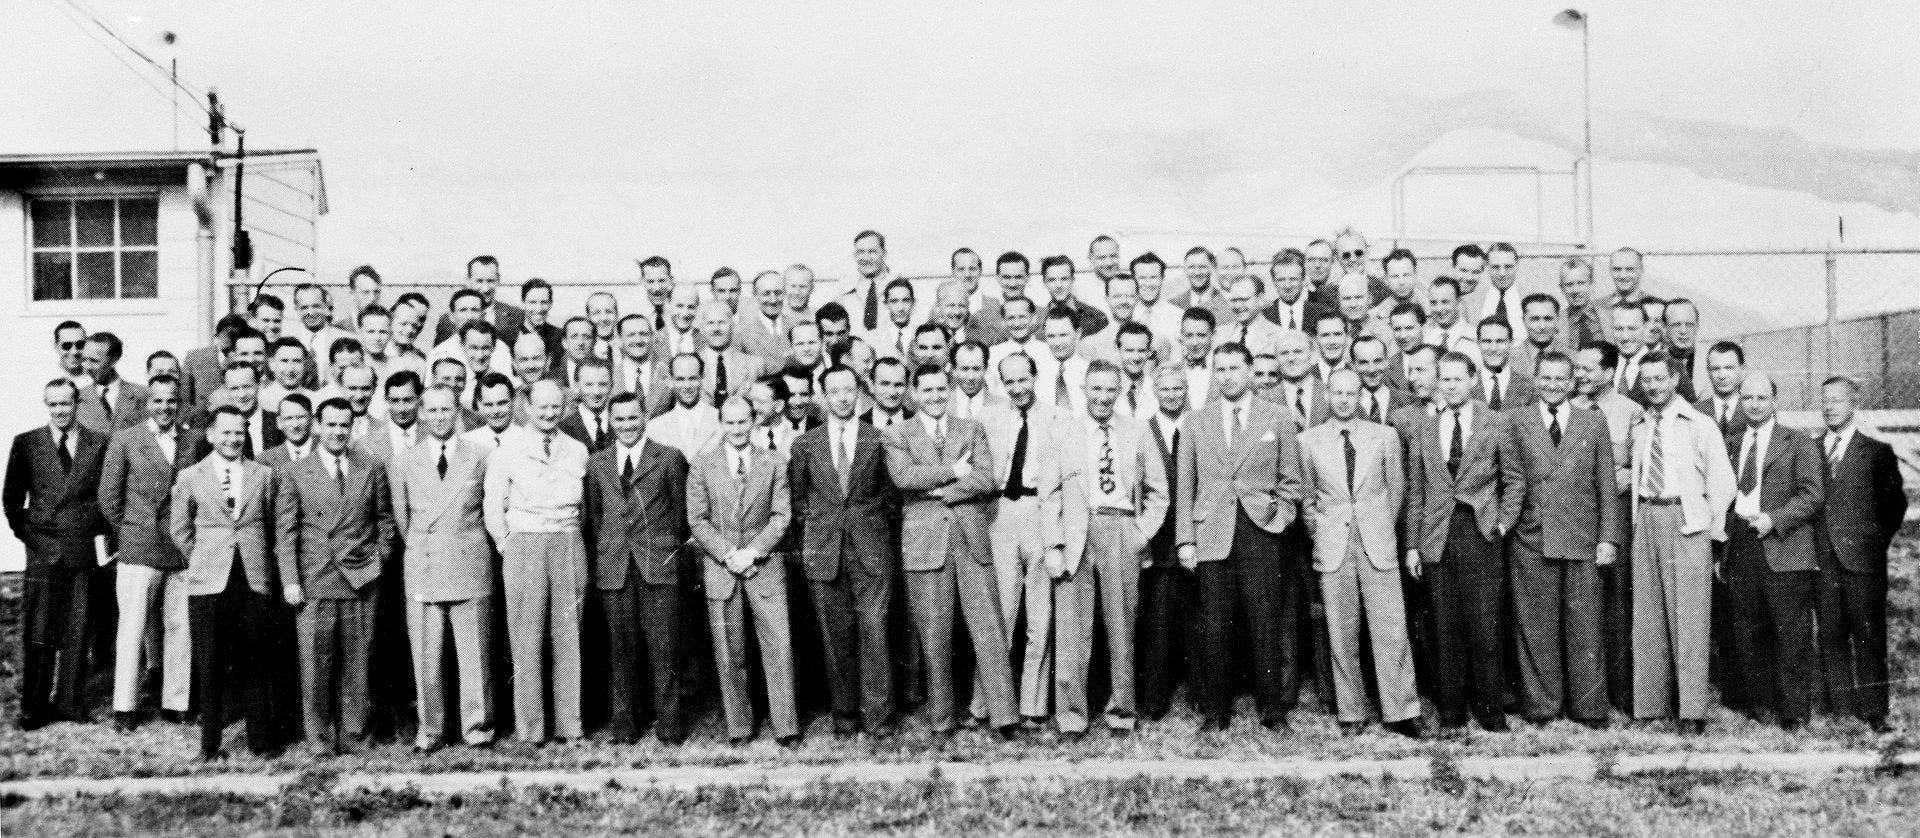 فريق فيرنر فون براون الذي نقل نحو الولايات المتحدة الأميركية